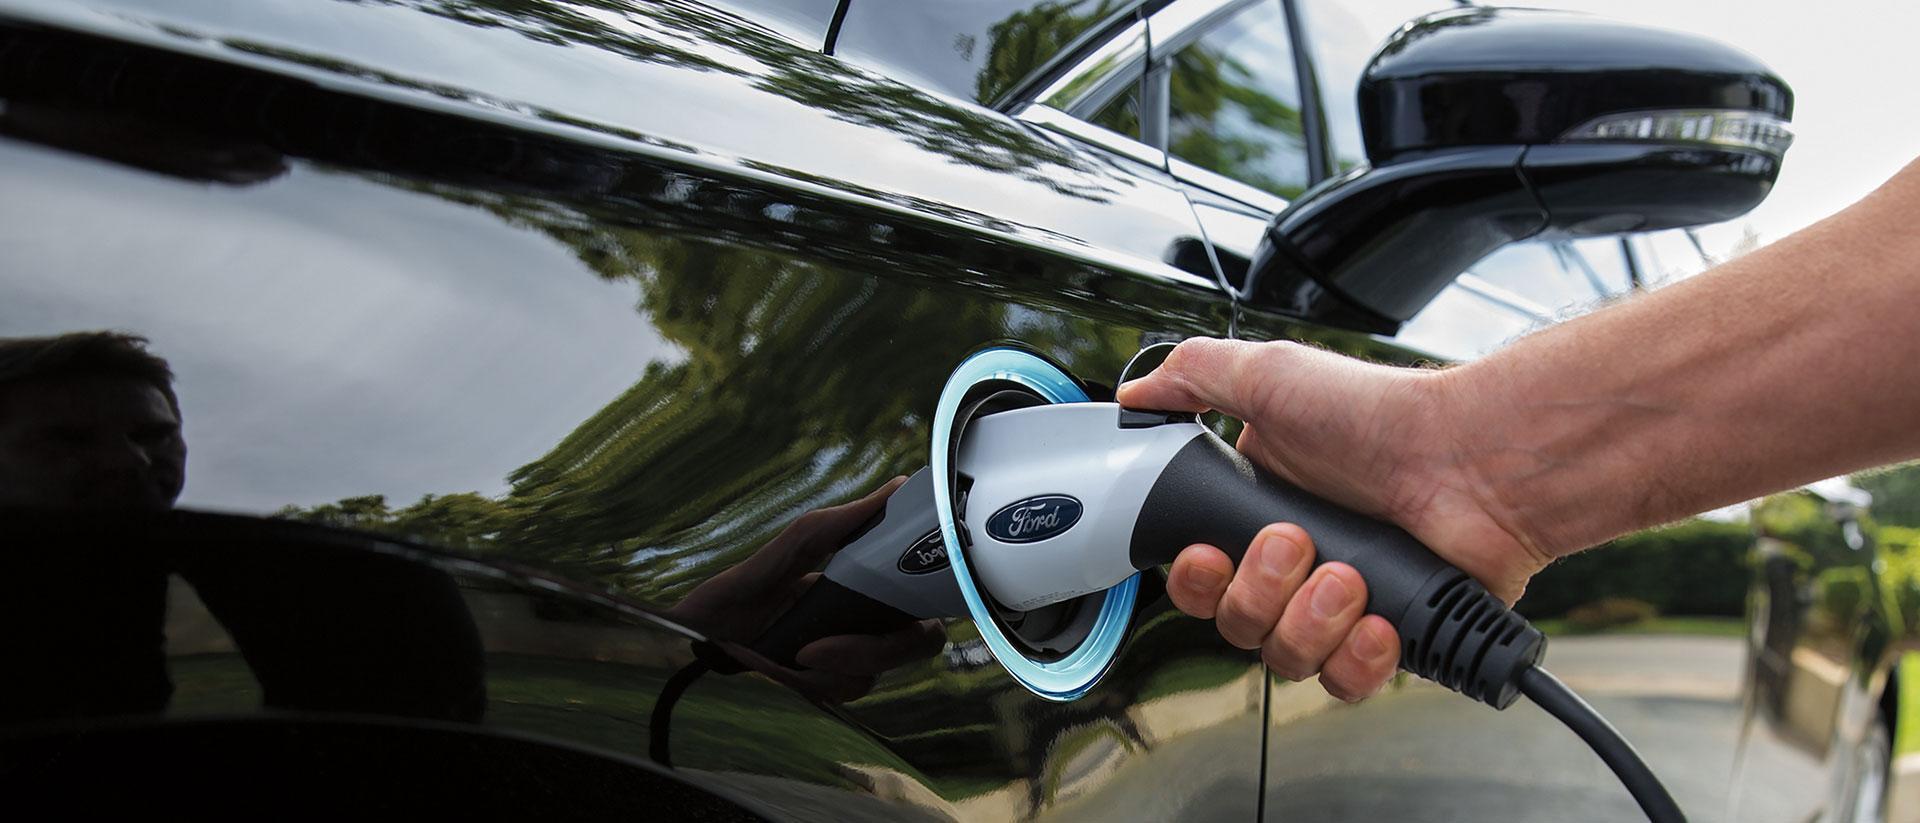 Ford Hybrid Plug-in